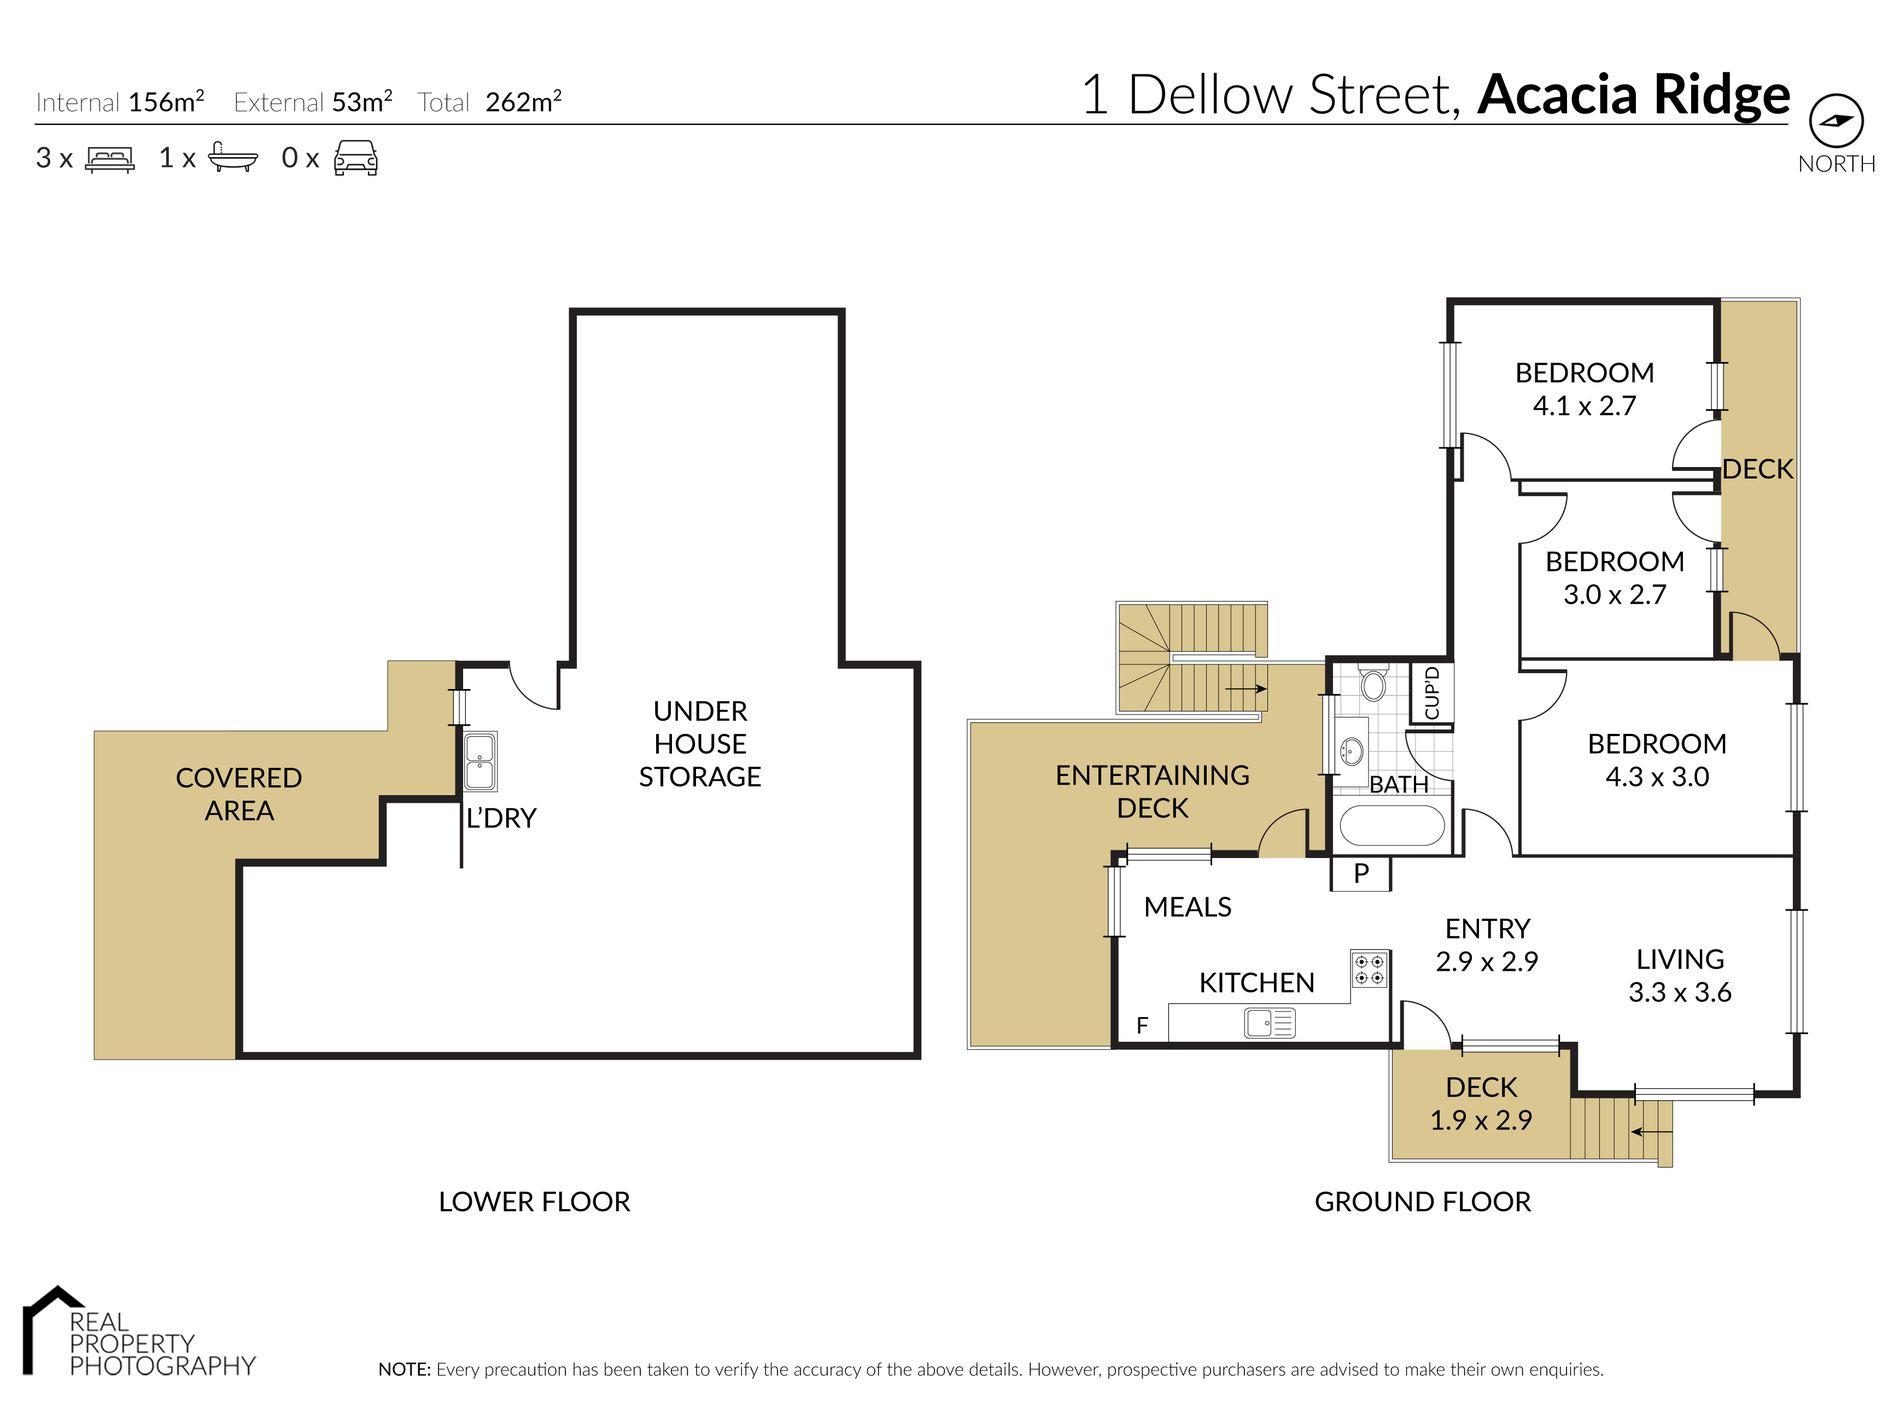 1 Dellow Street, Acacia Ridge